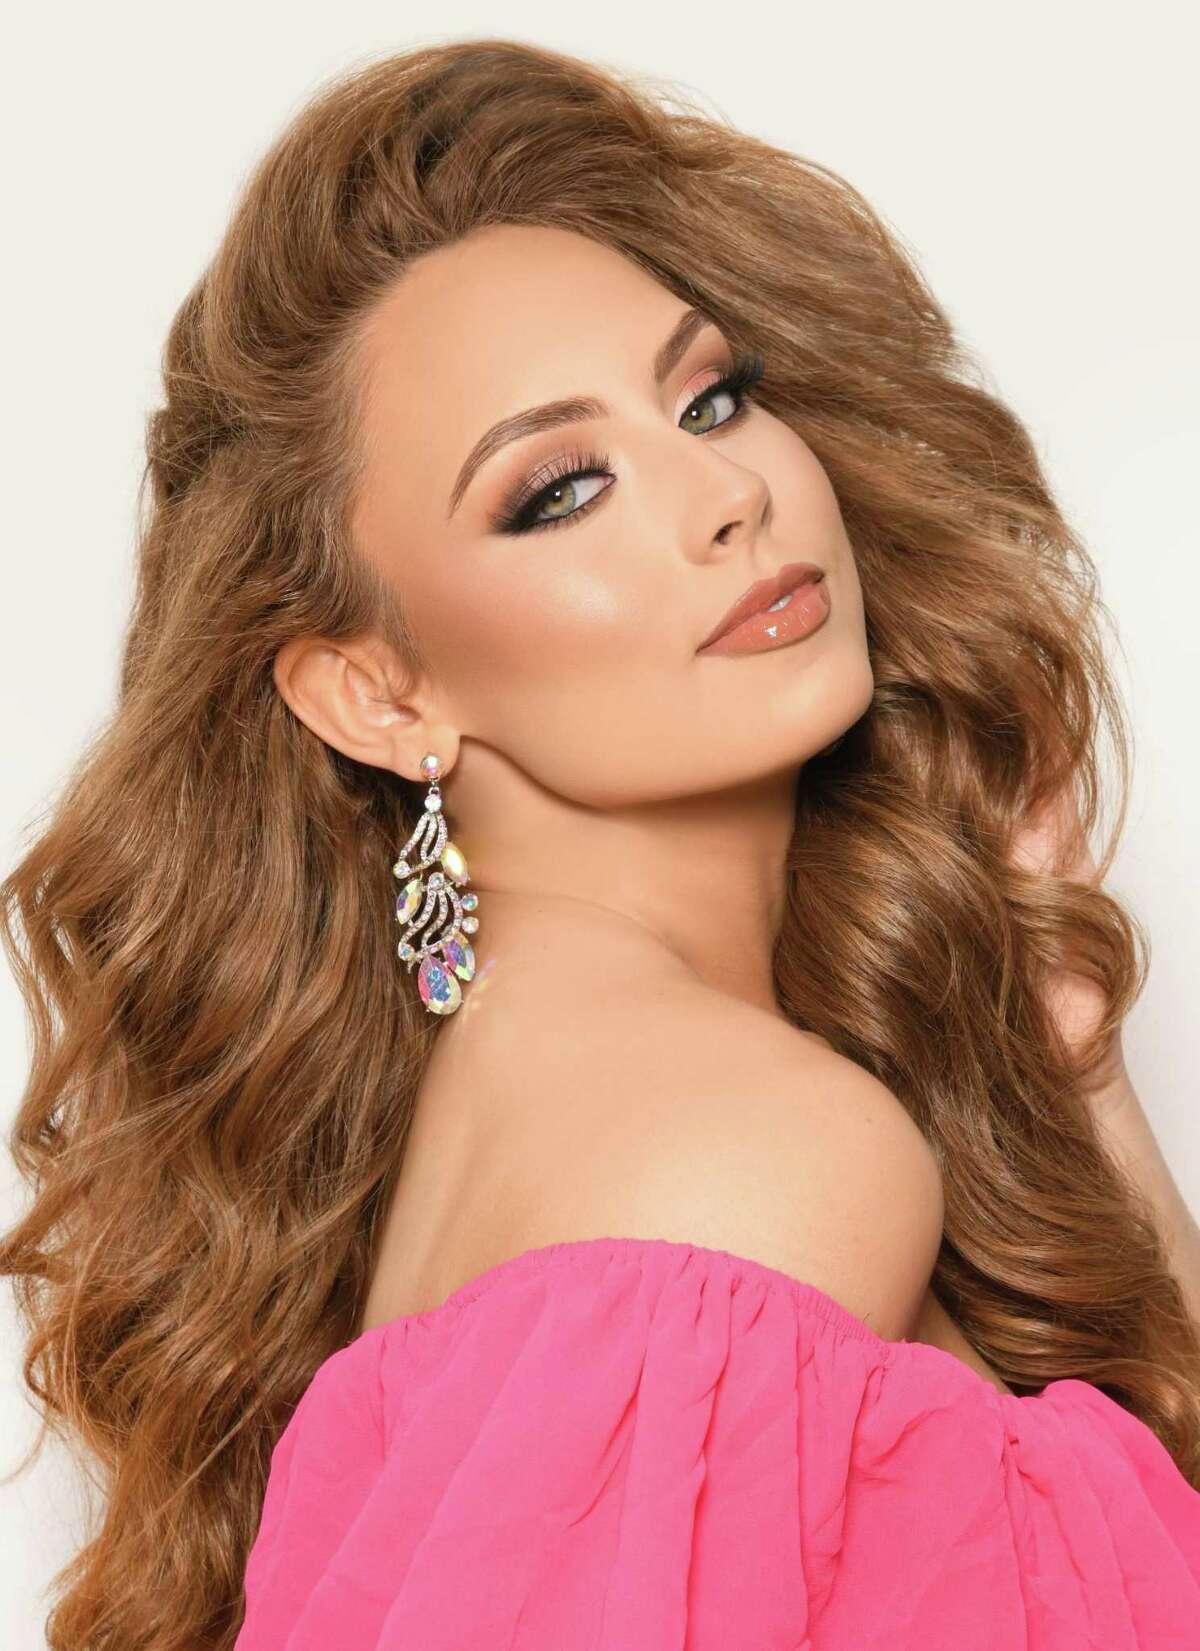 Miss Southwest Texas Teen USA Megan Ochoa